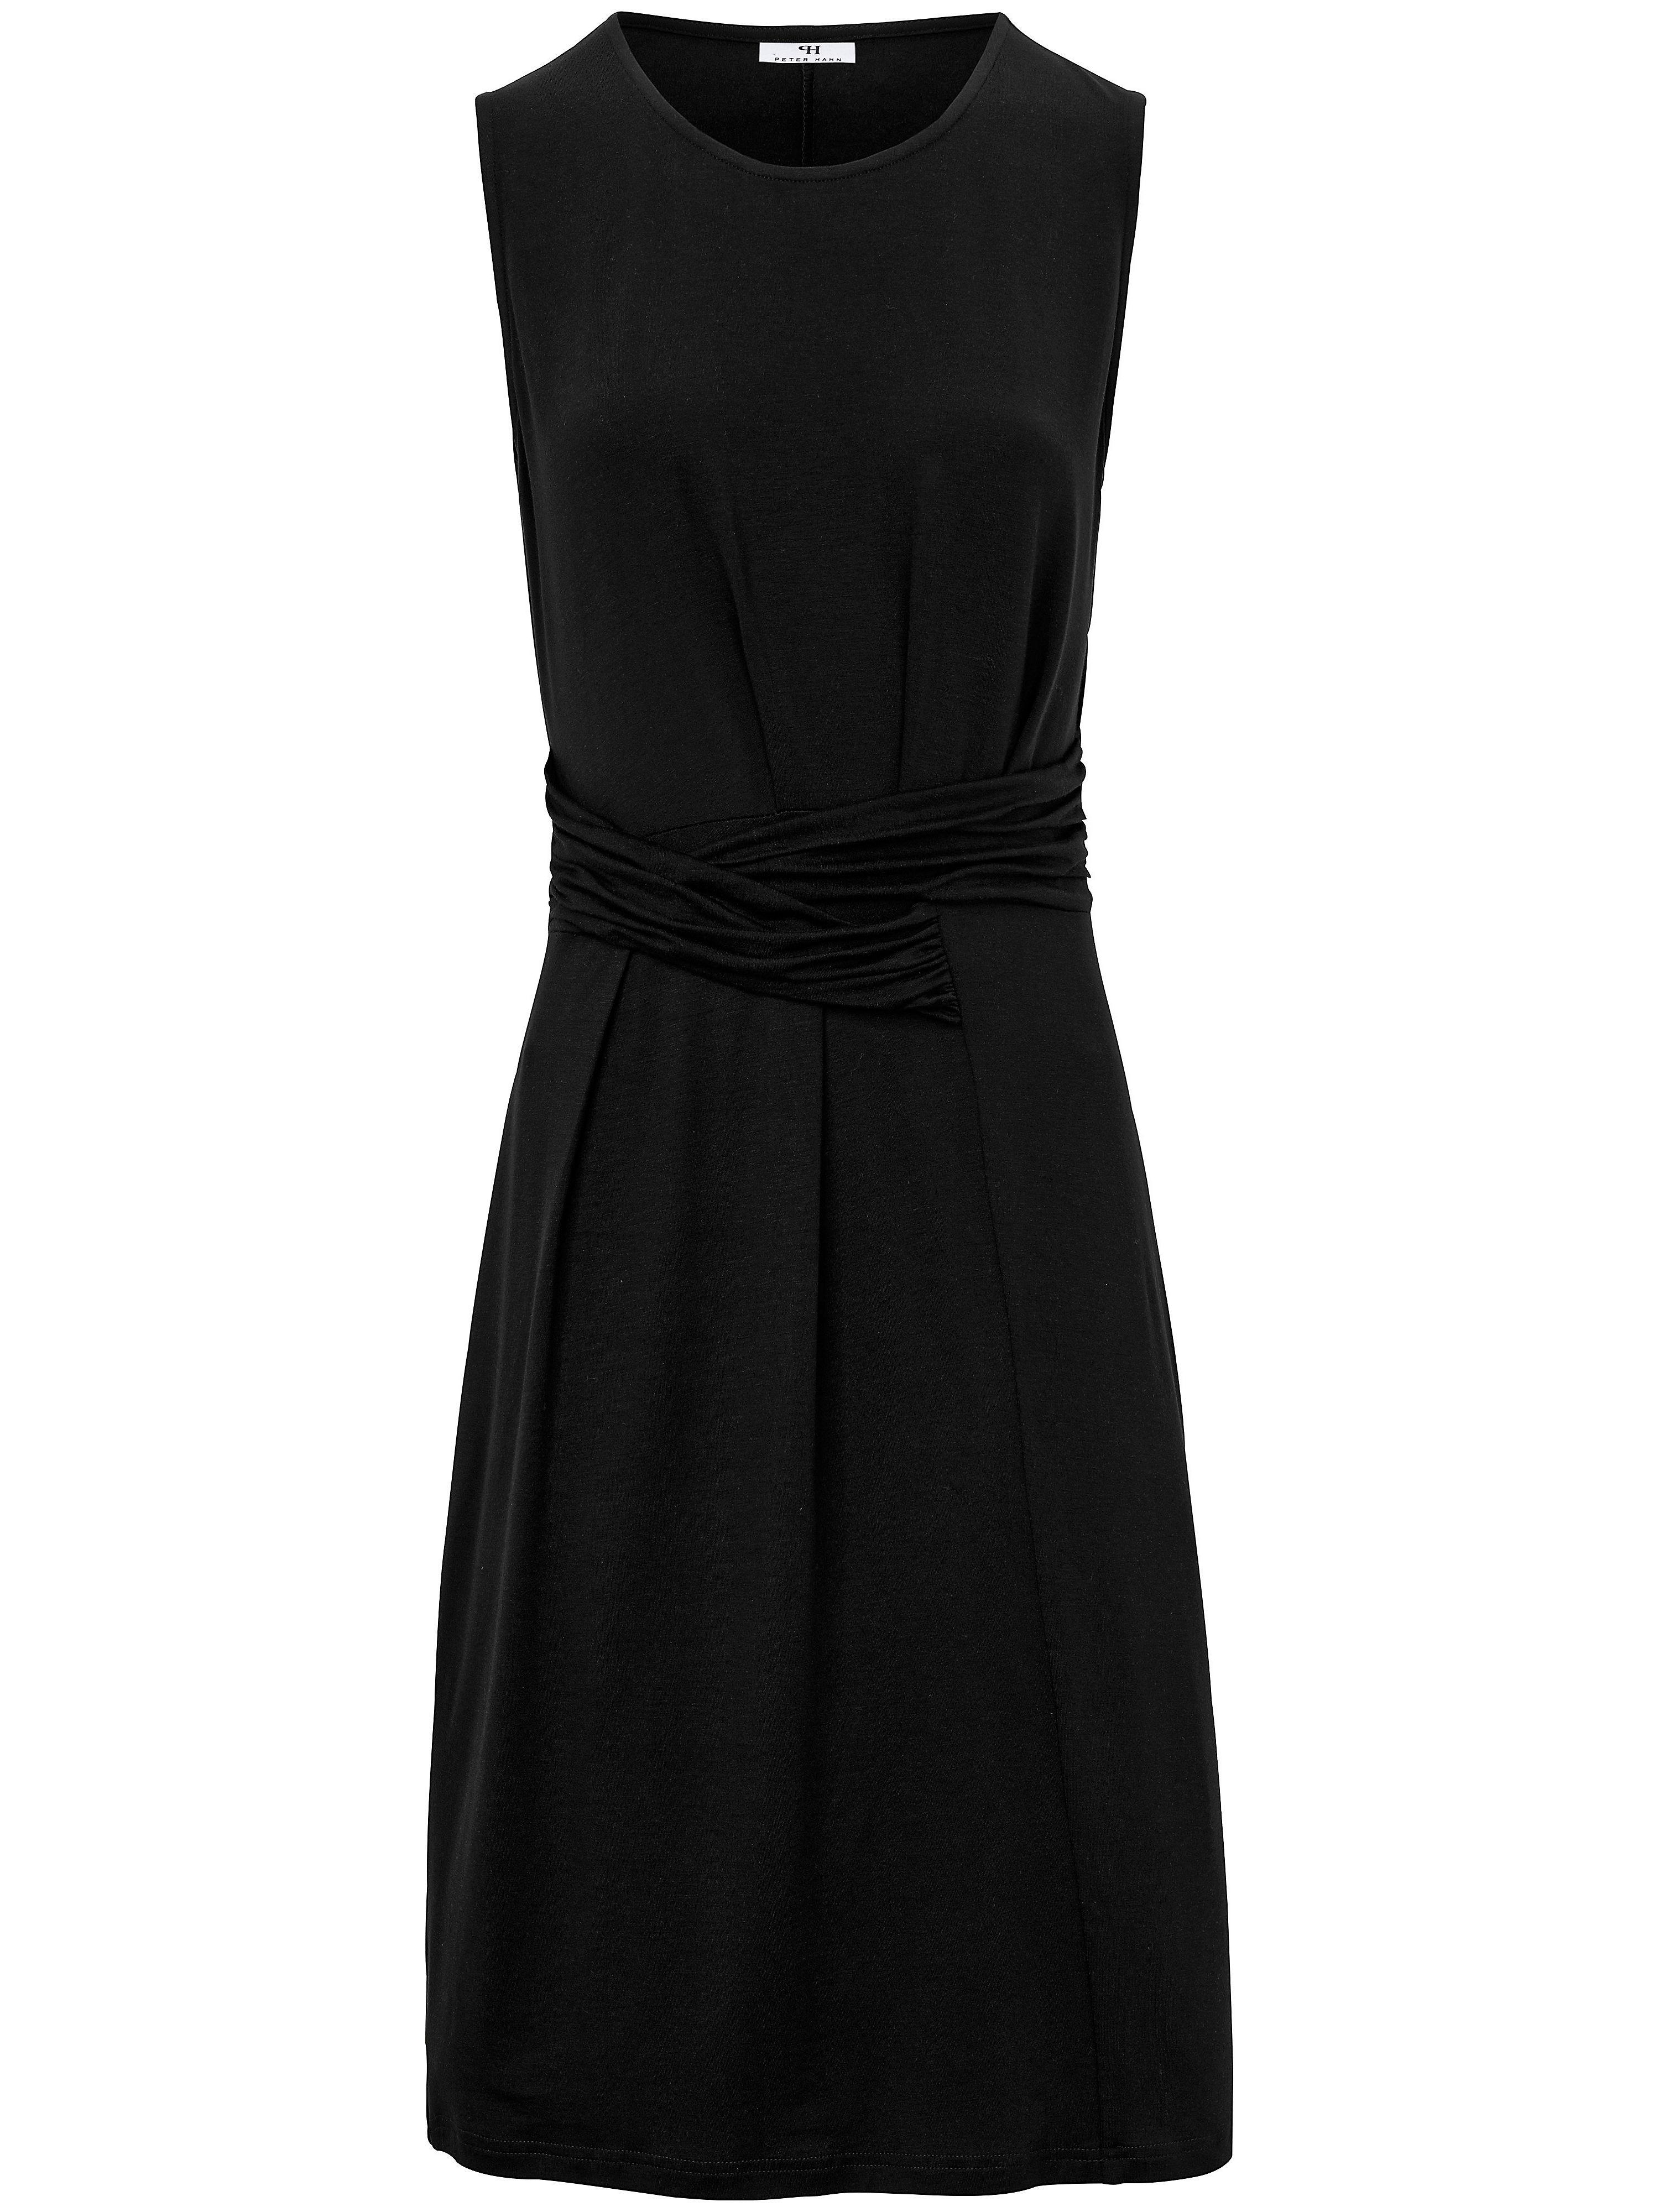 La robe sans manches  Peter Hahn noir taille 42